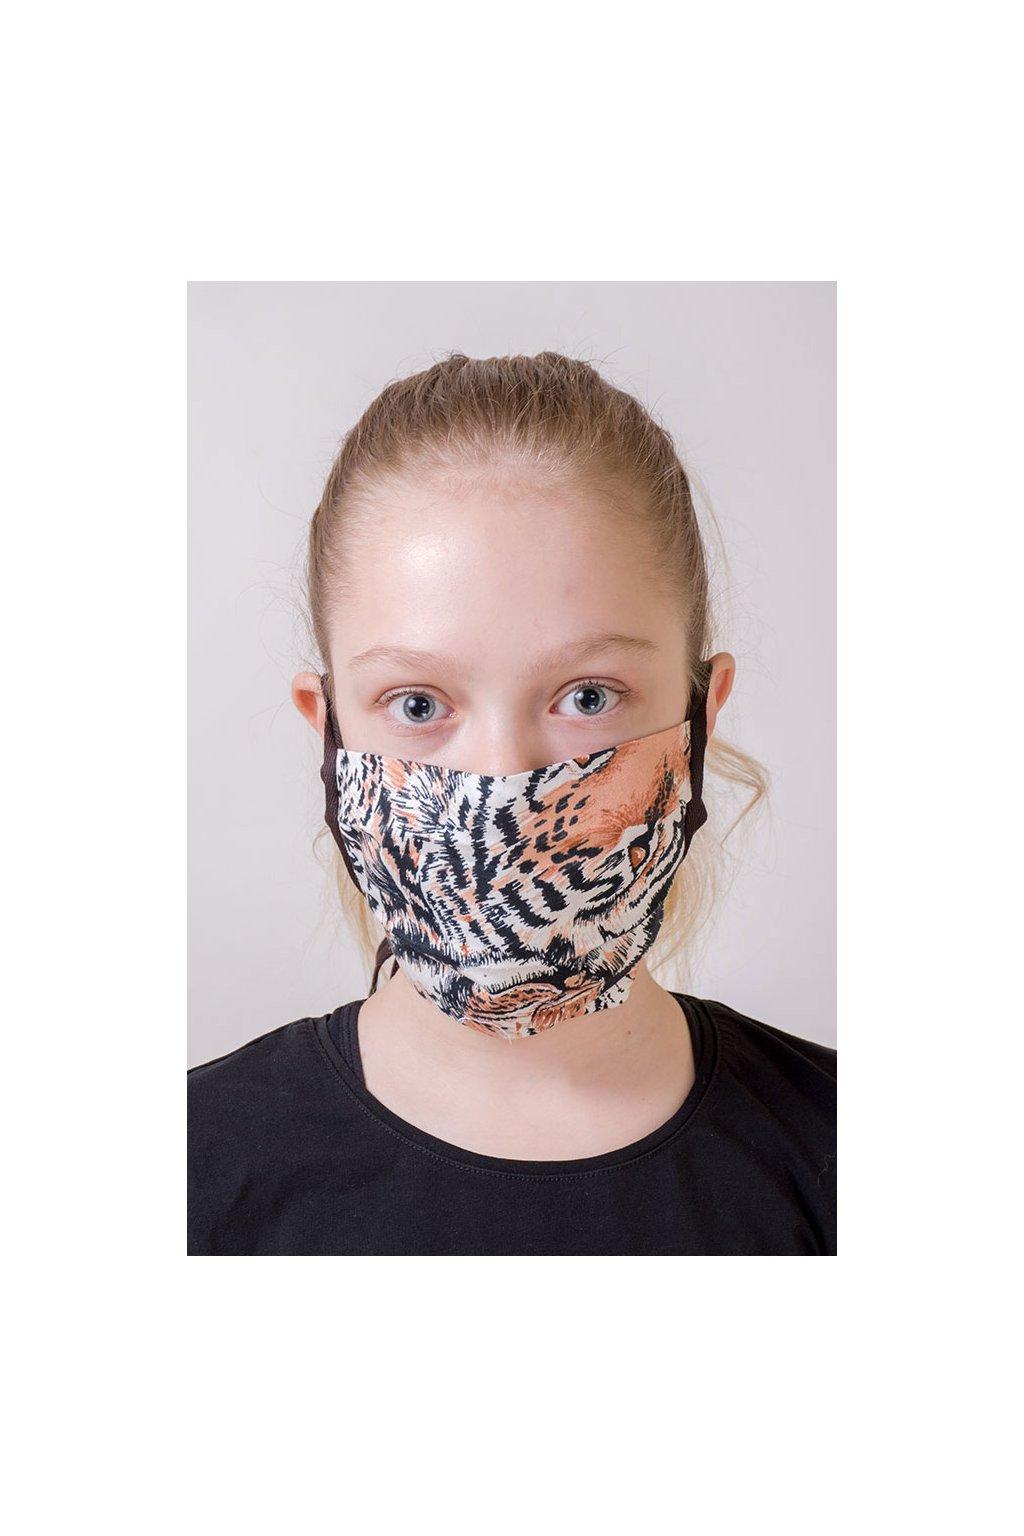 Dětská bavlněná rouška na ústa a nos dvouvrstvá skládaná s kapsou, šňůry z keprové stuhy, 787-208, Hnědá/tygr